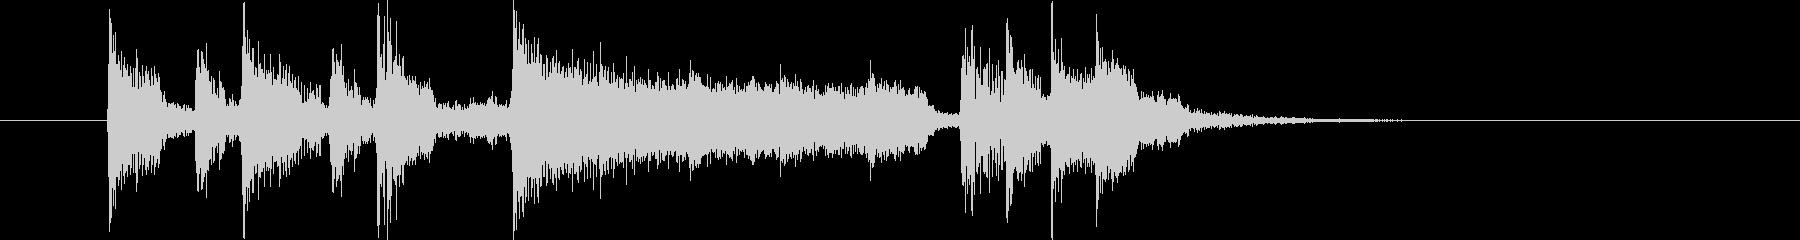 勢いとドキドキ感のギターシンセサウンドの未再生の波形